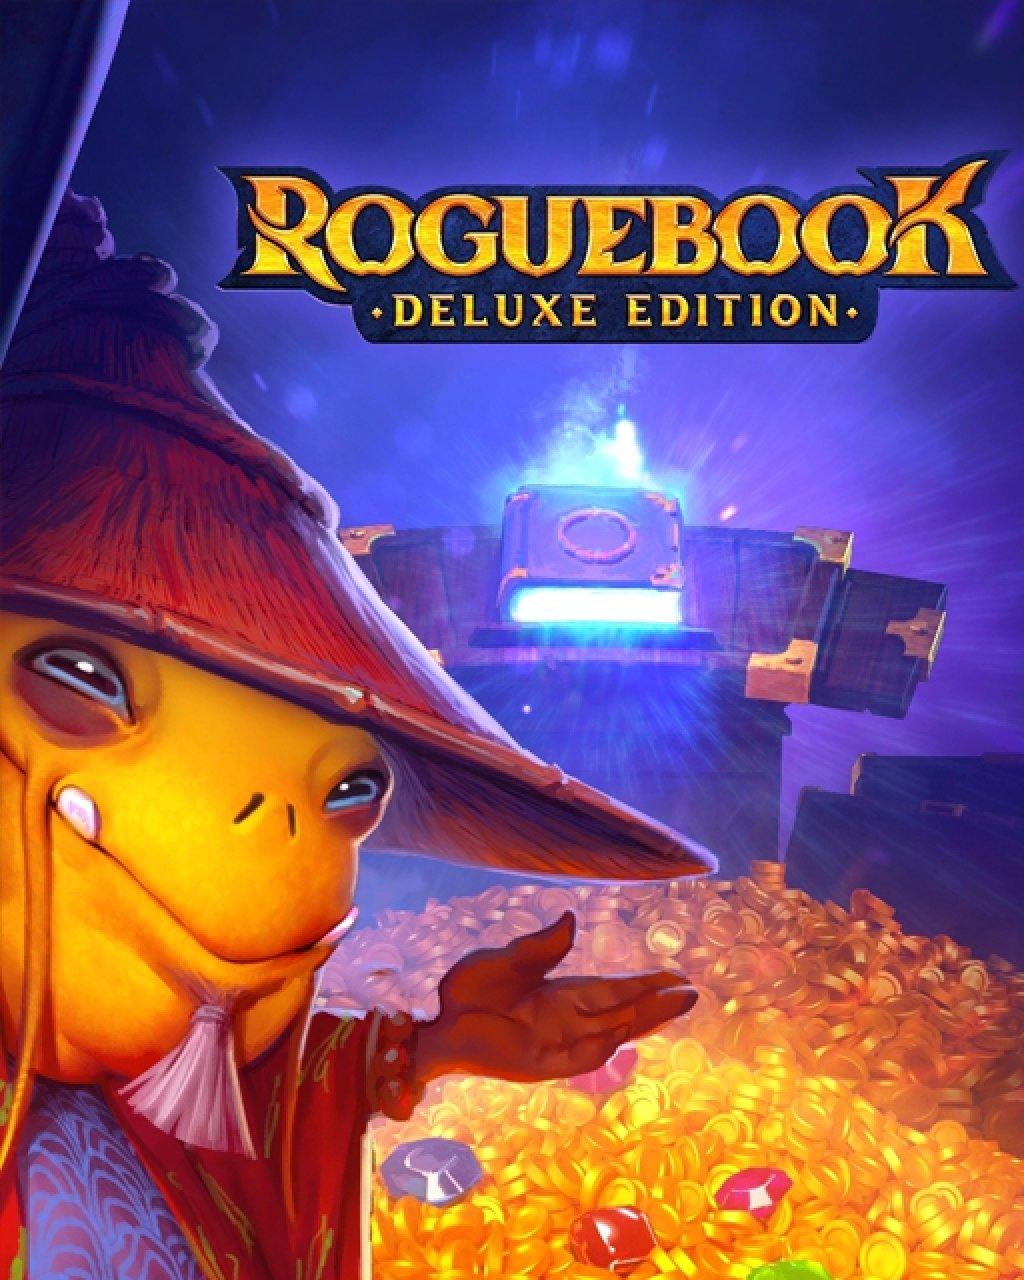 Roguebook Deluxe Edition